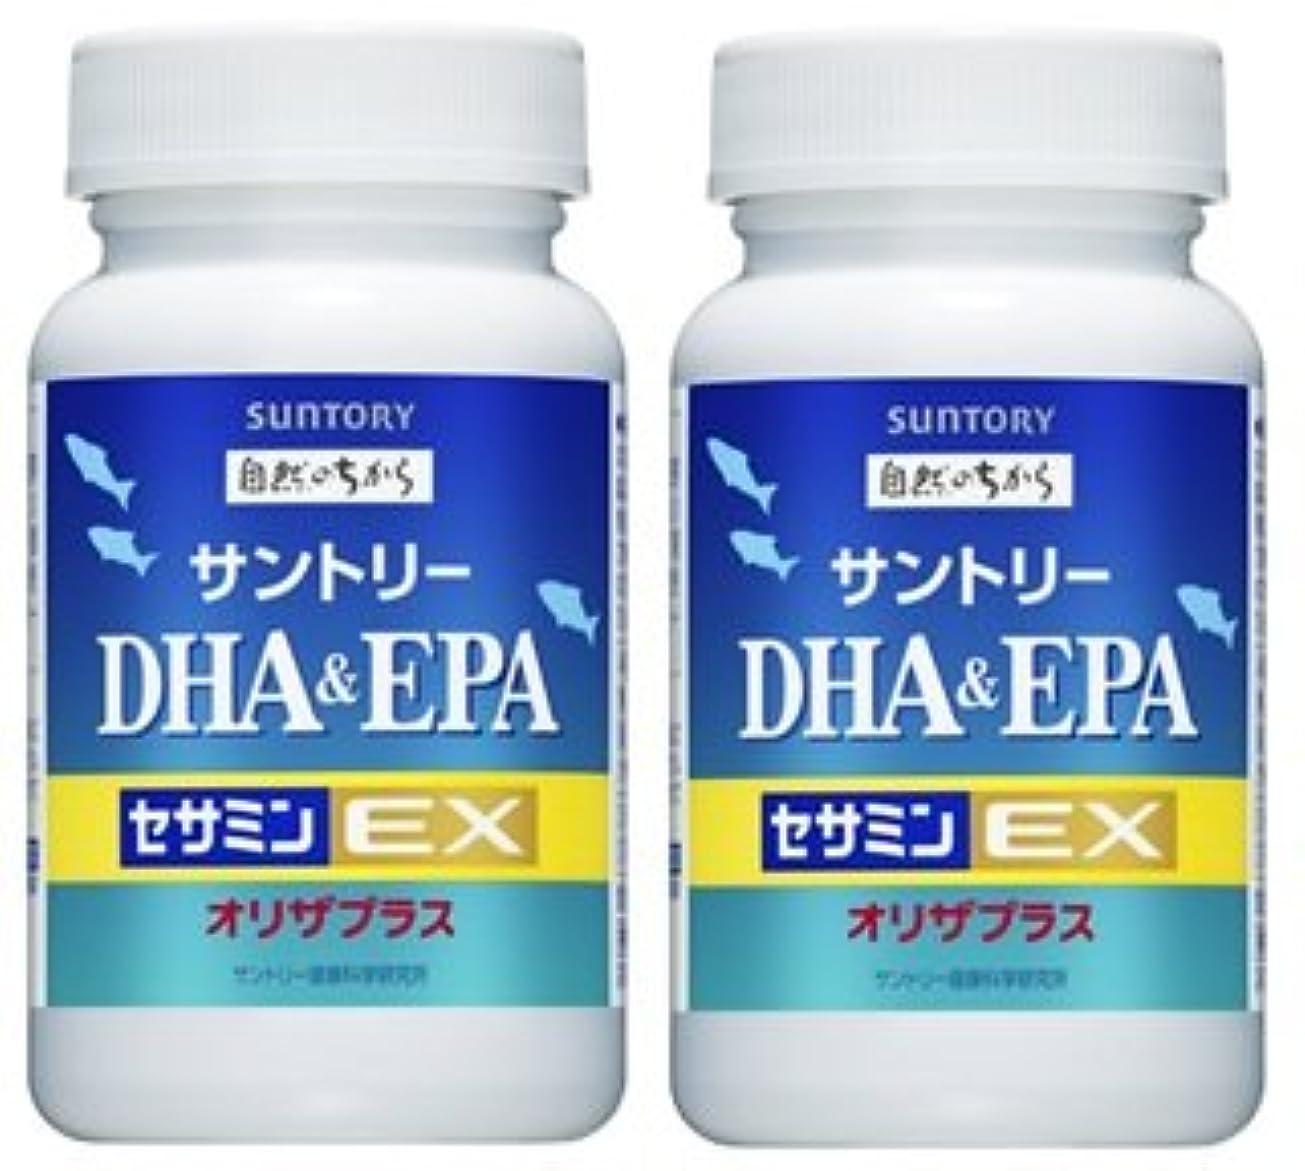 アンプゴミ箱心理的【2個セット】サントリー DHA&EPA+セサミンEX 240粒